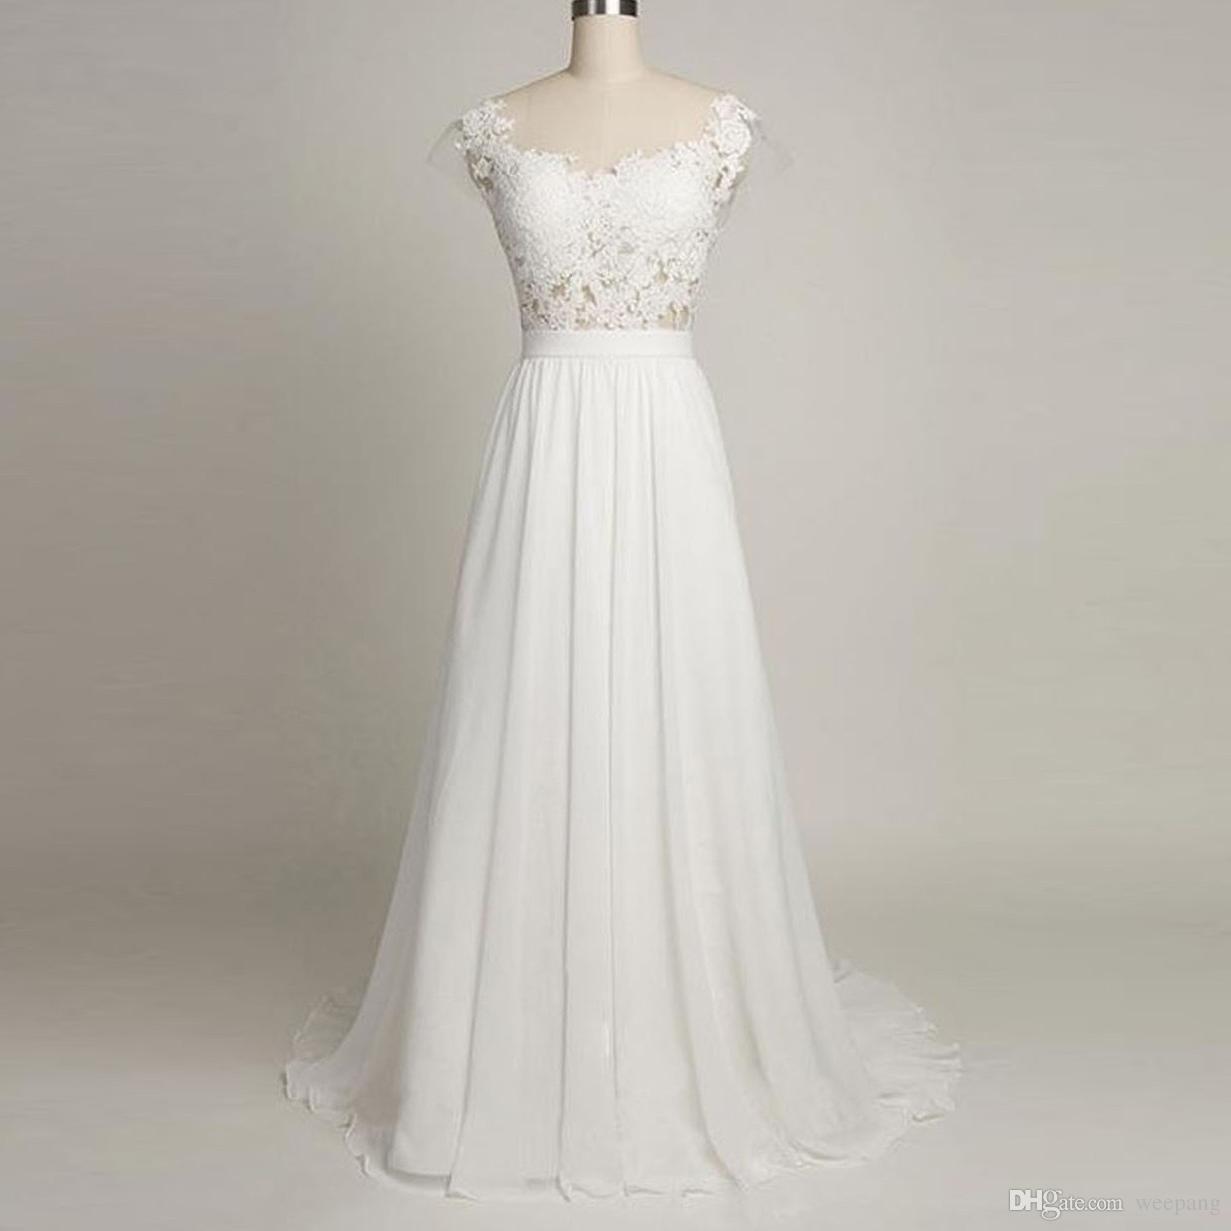 2017 Sommer Elegantes Weißes Hochzeitskleid Eine Linie Sheer Neck Backless  Flügelärmeln Spitze Appliques Long Chiffon Braut Brautkleider